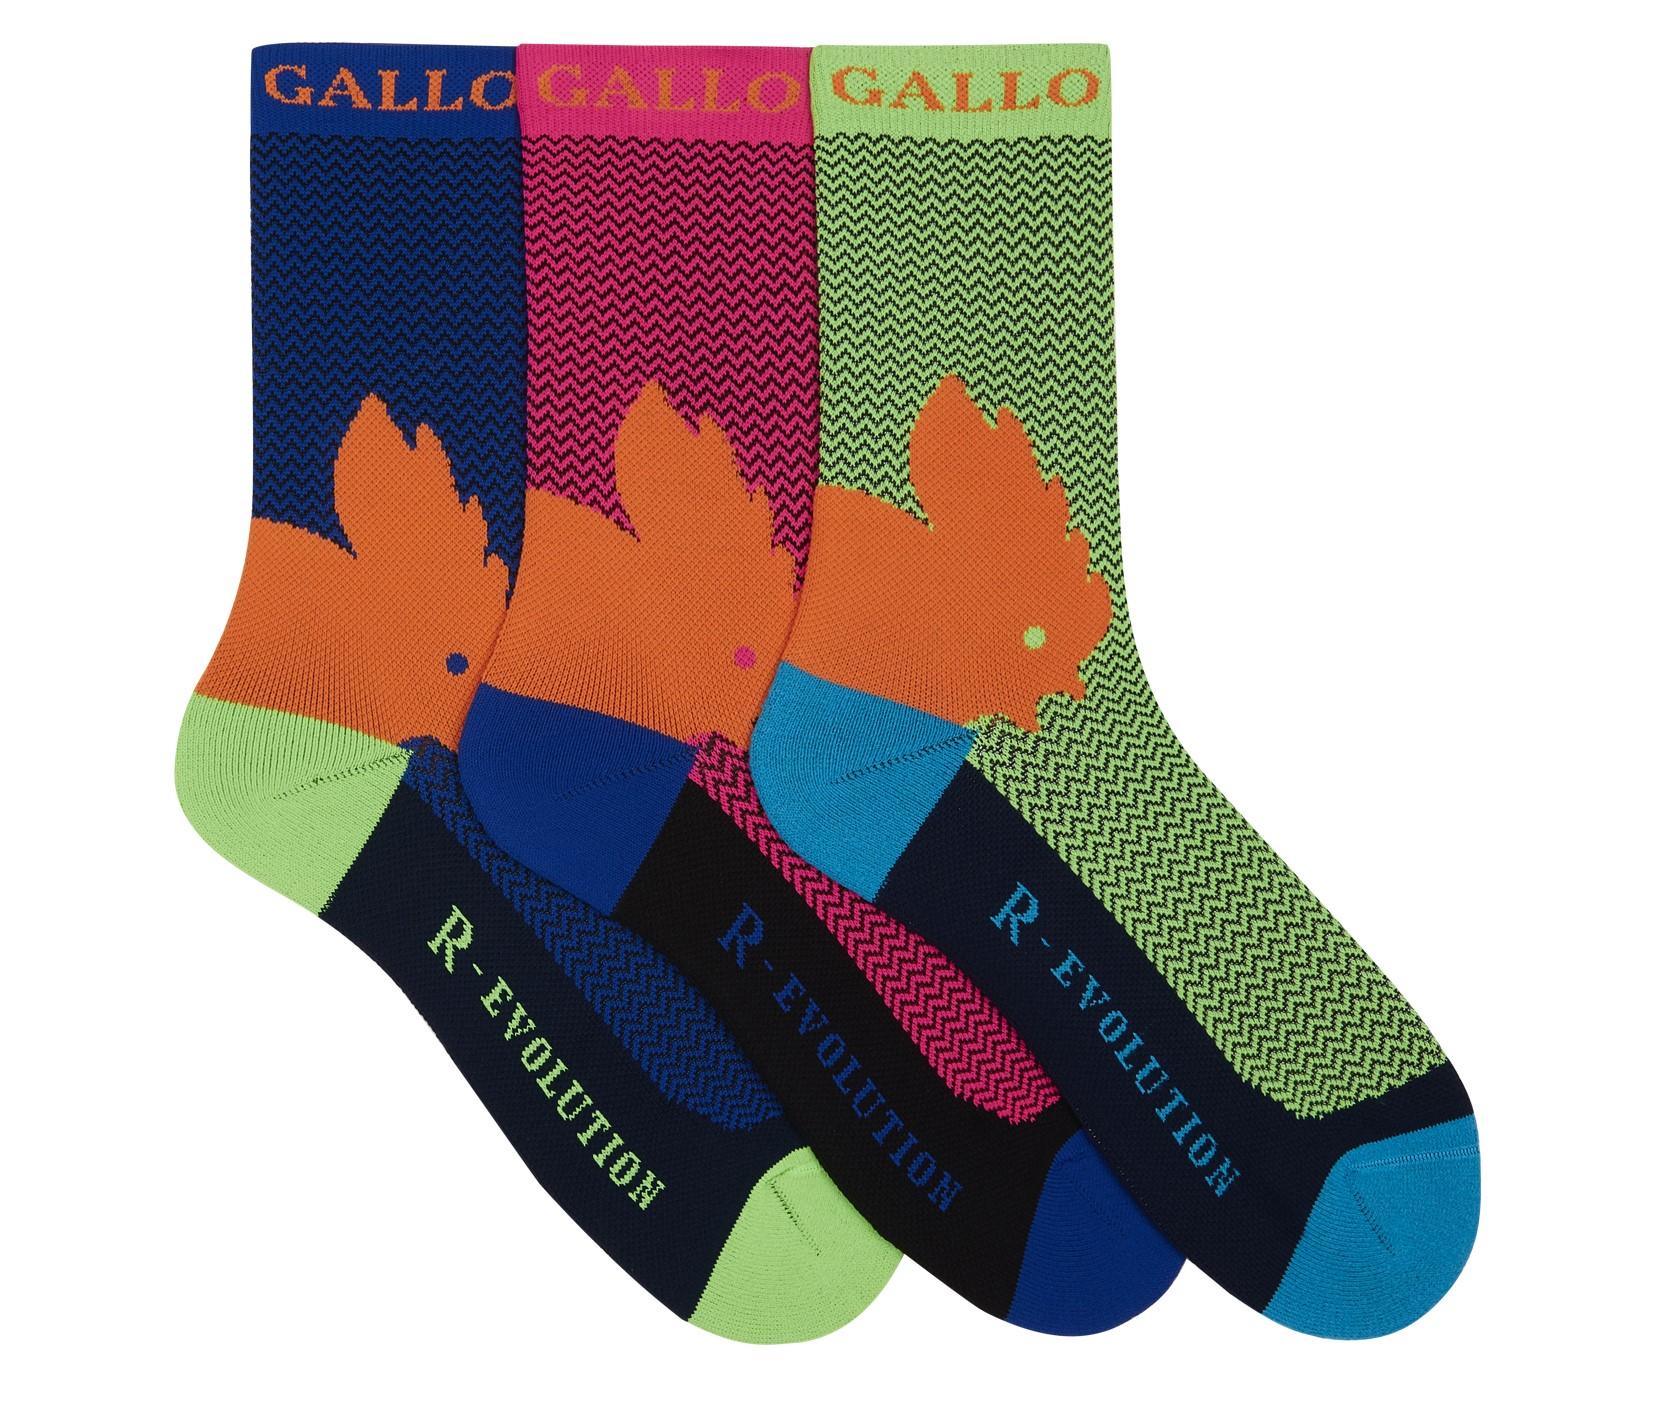 100% originale vendita outlet vendita calda Gallo presenta la calza sportiva Revolution   Fashion Times